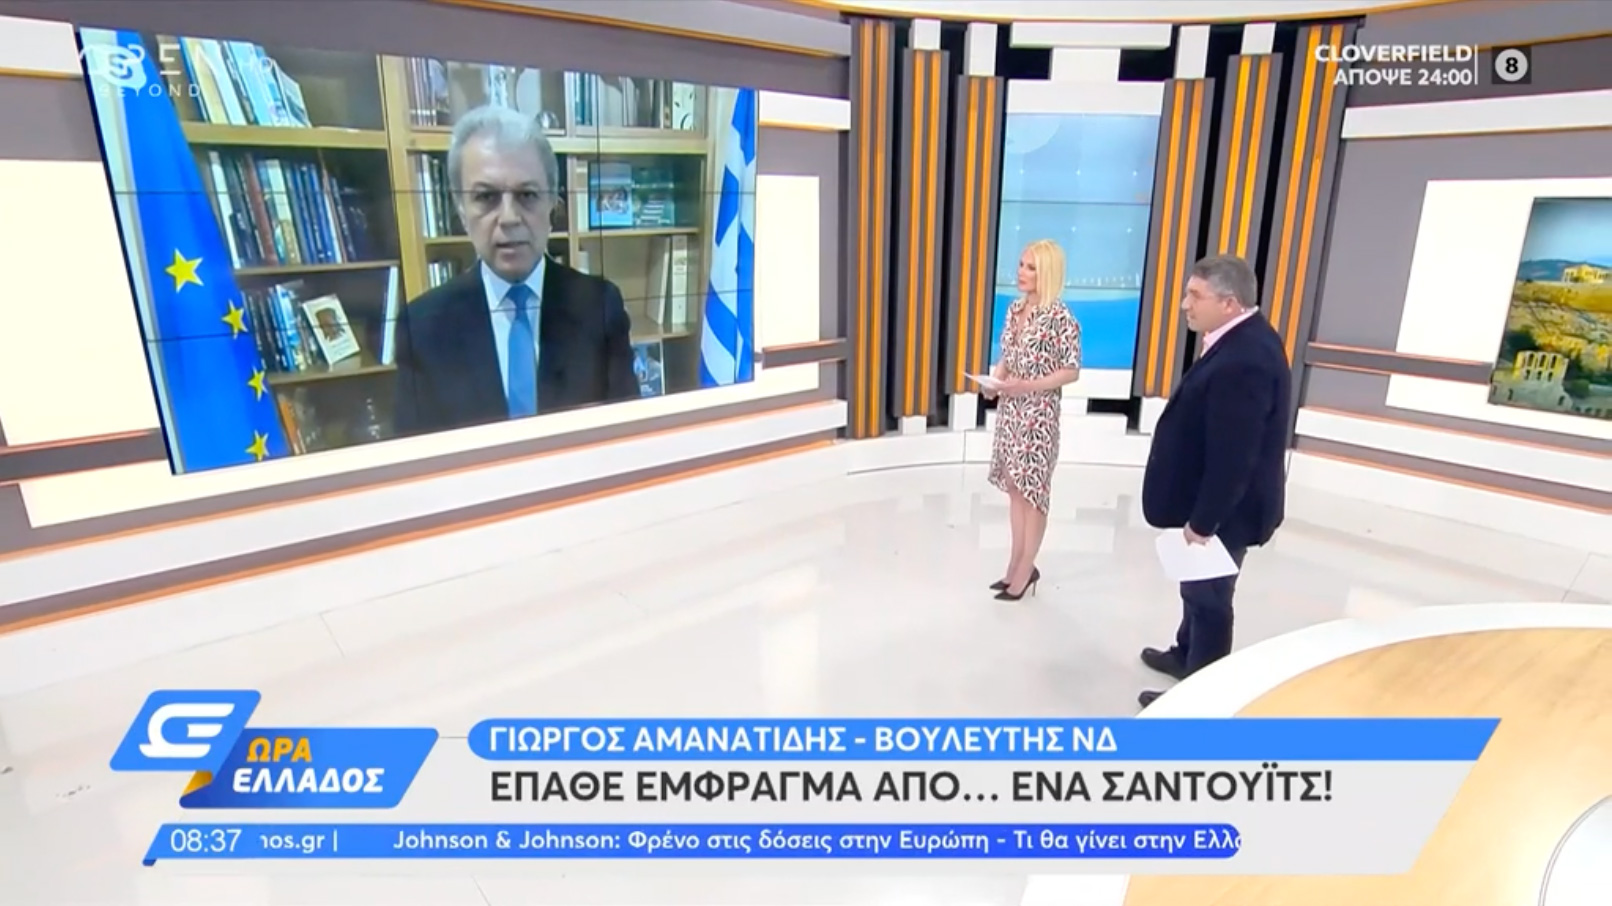 Από ένα σάντουιτς έφτασε στο έμφραγμα και την εγχείρηση ανοιχτής καρδιάς – Η περιπέτεια Έλληνα βουλευτή